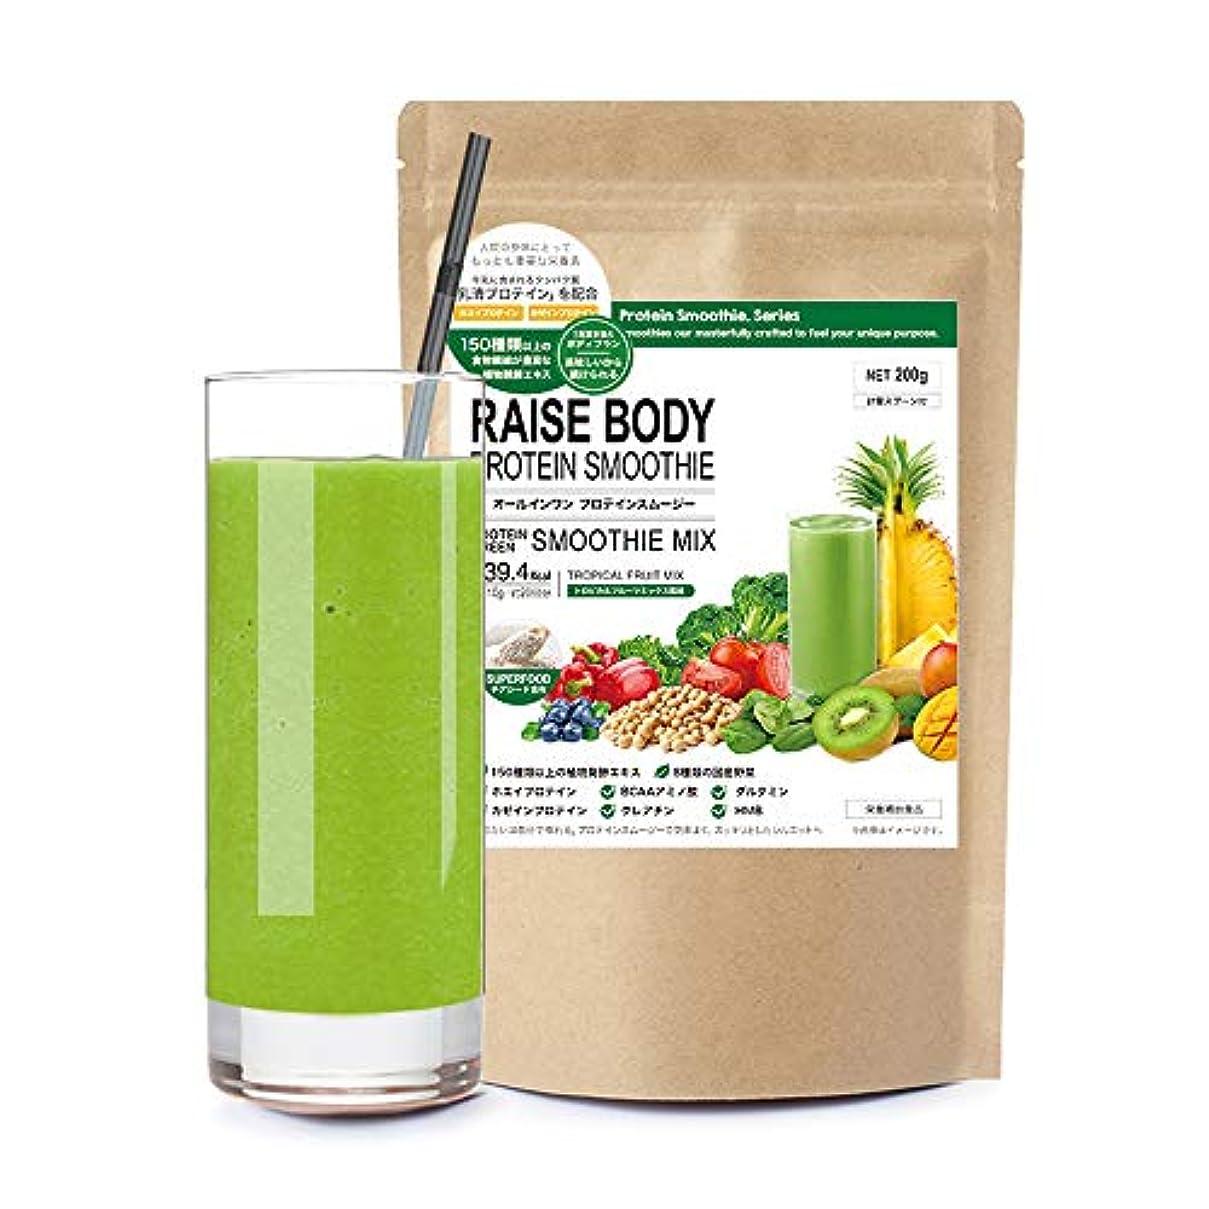 レバー接続された苦しめるスムージー プロテイン ダイエット シェイク ミネラル酵素 置き換え トロピカルフルーツ風味 RAISE BODY 200g(20回分)